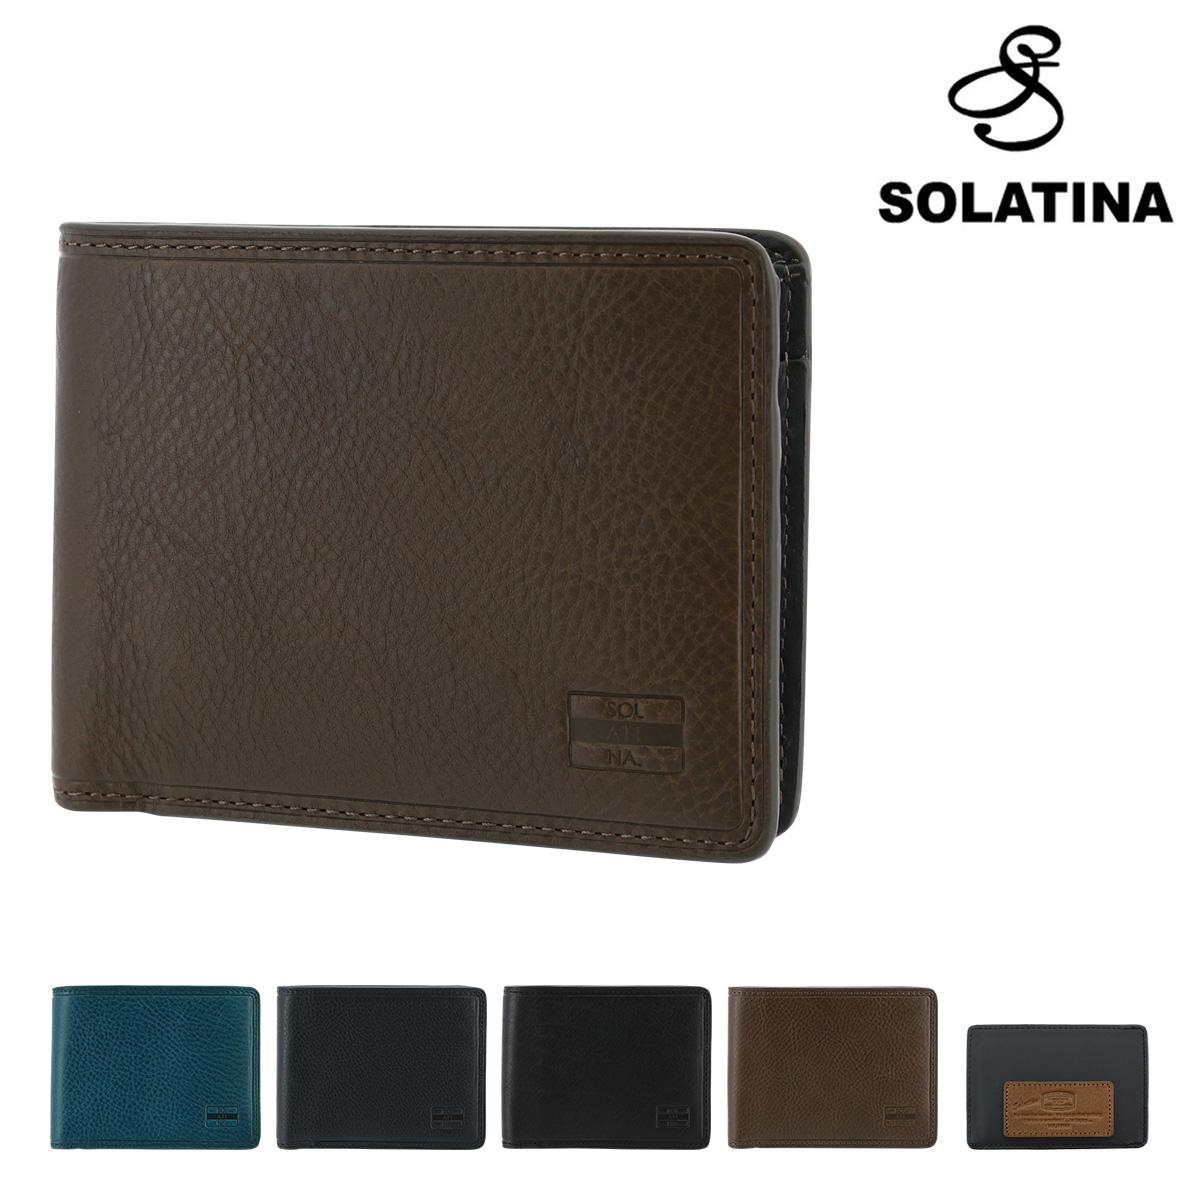 ソラチナ 二つ折り財布 アリゾナ メンズ SW-70022 SOLATINA | 本革 イタリアンレザー パスケース付 ブランド専用BOX付き [bef][PO10]